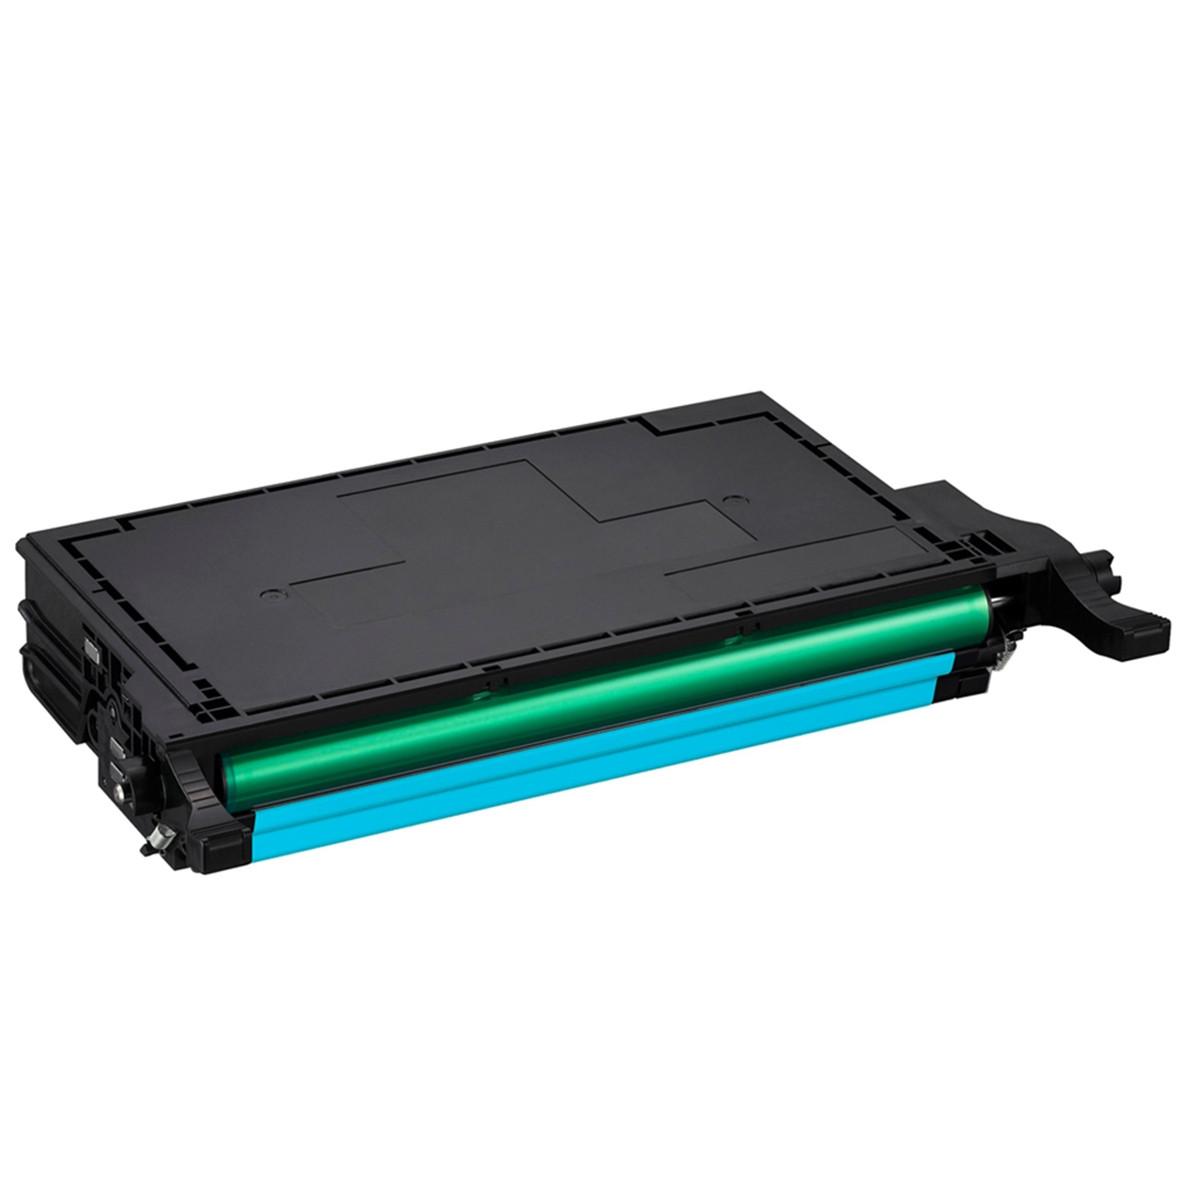 Toner Compatível com Samsung 609S CLT-Y609S Amarelo | CLP770 CLP775 CLP770ND CLP775ND | Importado 7k